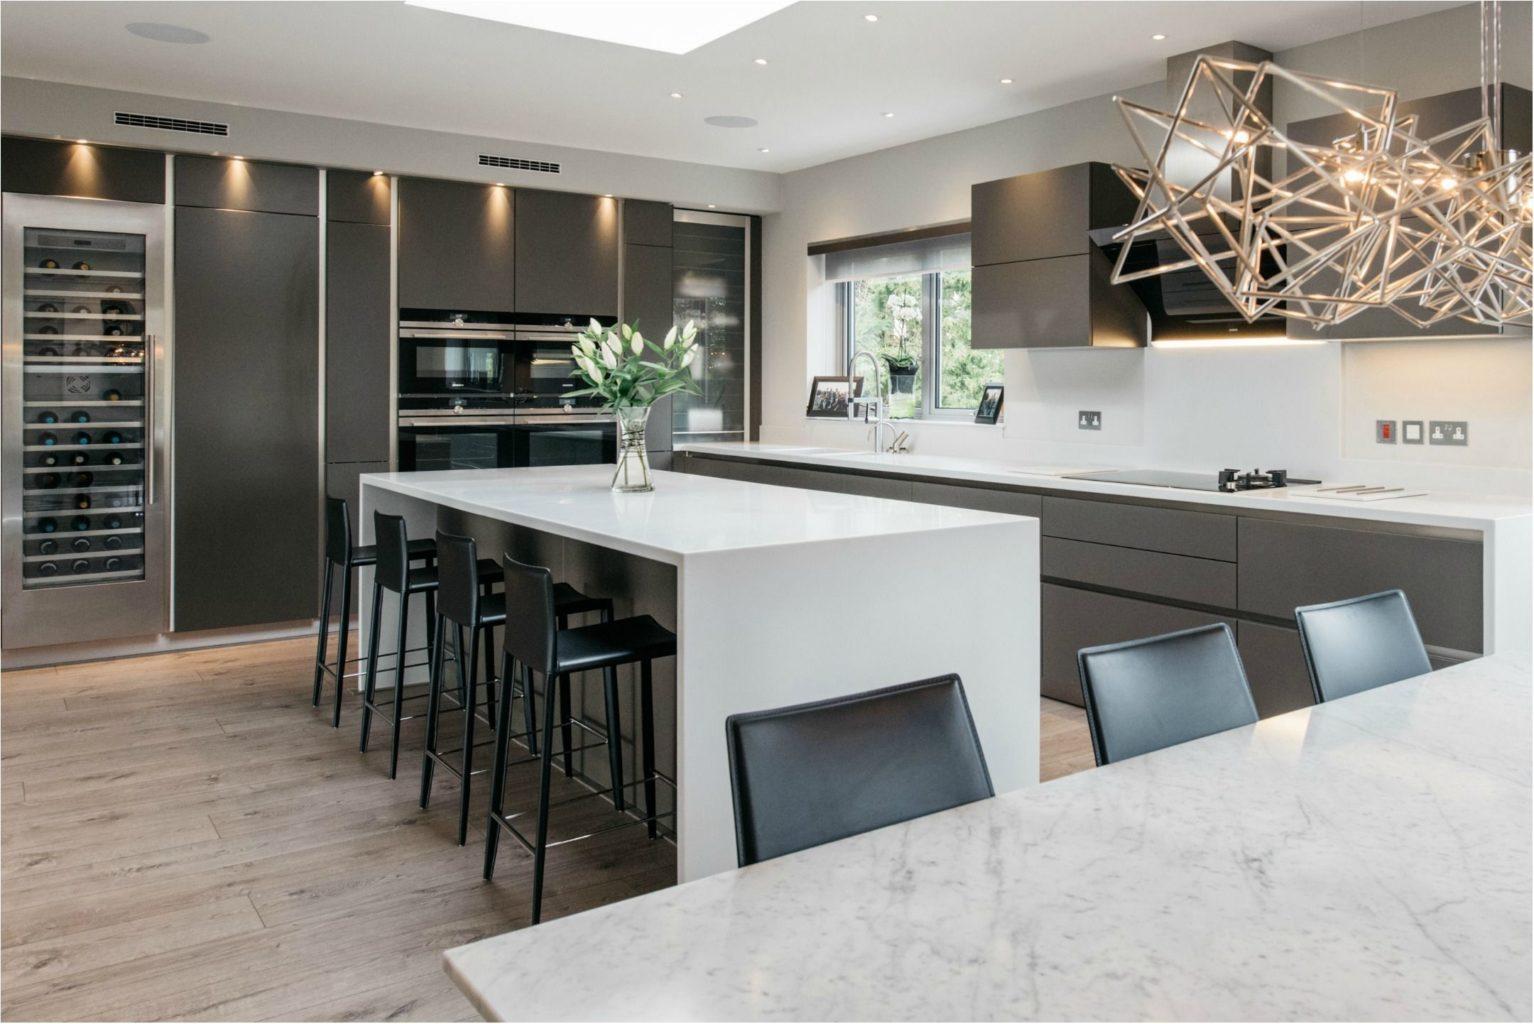 мужественный дизайн интерьера кухни столовой